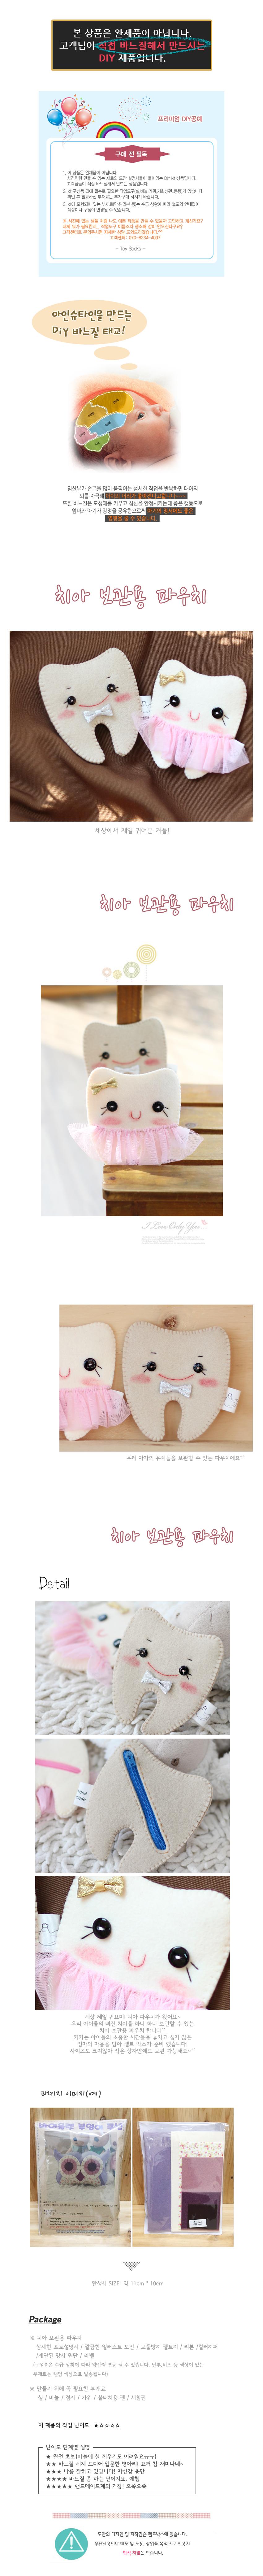 치아보관용파우치 2개 세트 펠트만들기 - 펠트박스, 5,100원, 펠트공예, 펠트인형 패키지